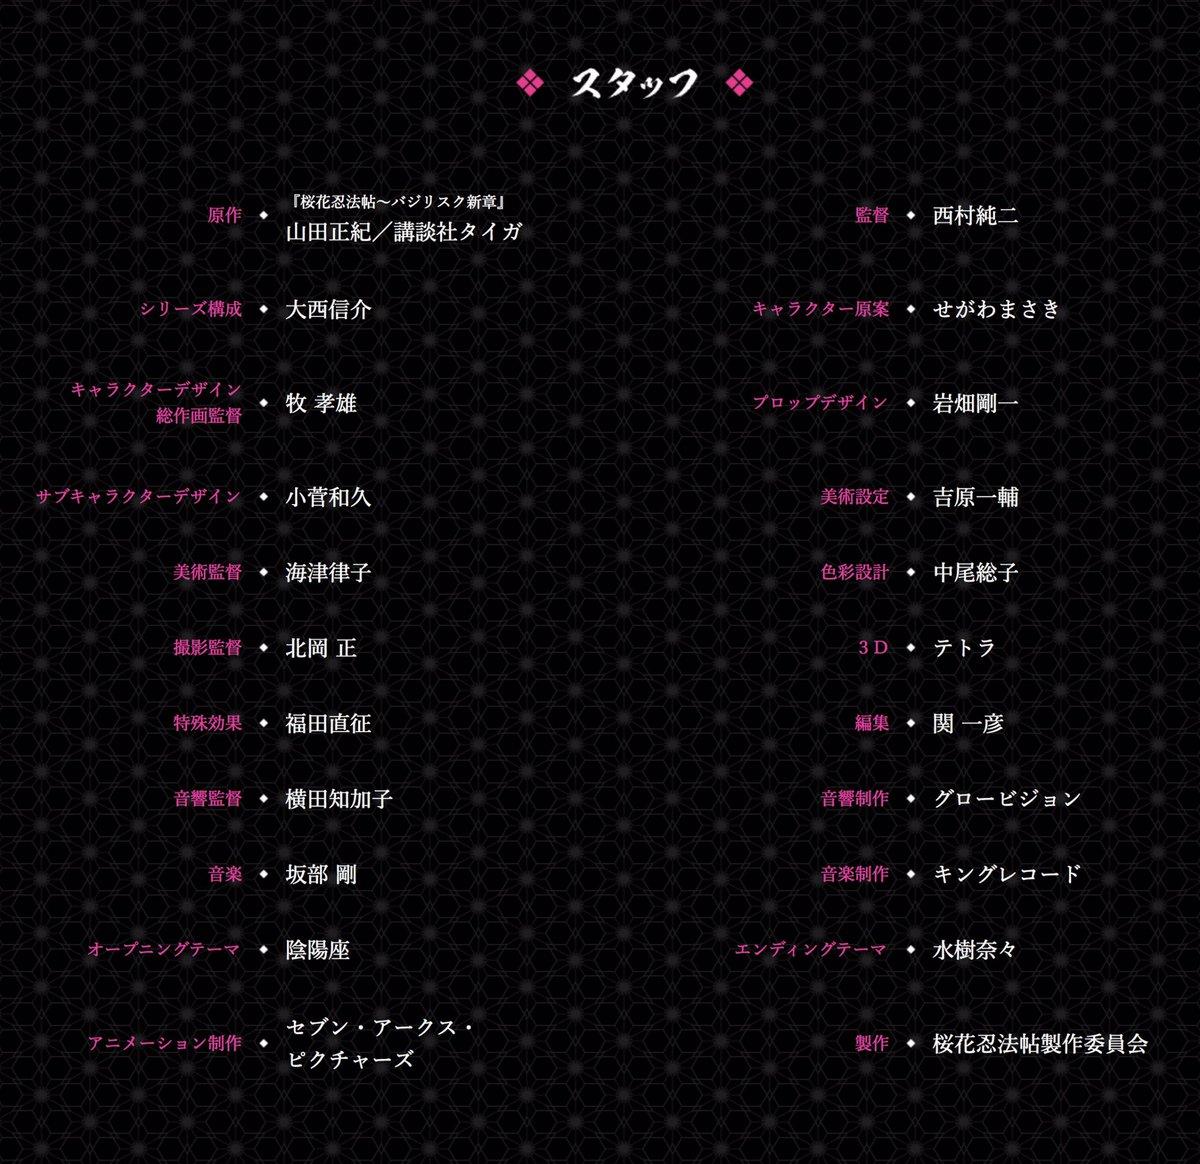 TVアニメ「バジリスク ~桜花忍法帖~」2018年1月より放送開始!&第一弾キービジュアル、スタッフ…